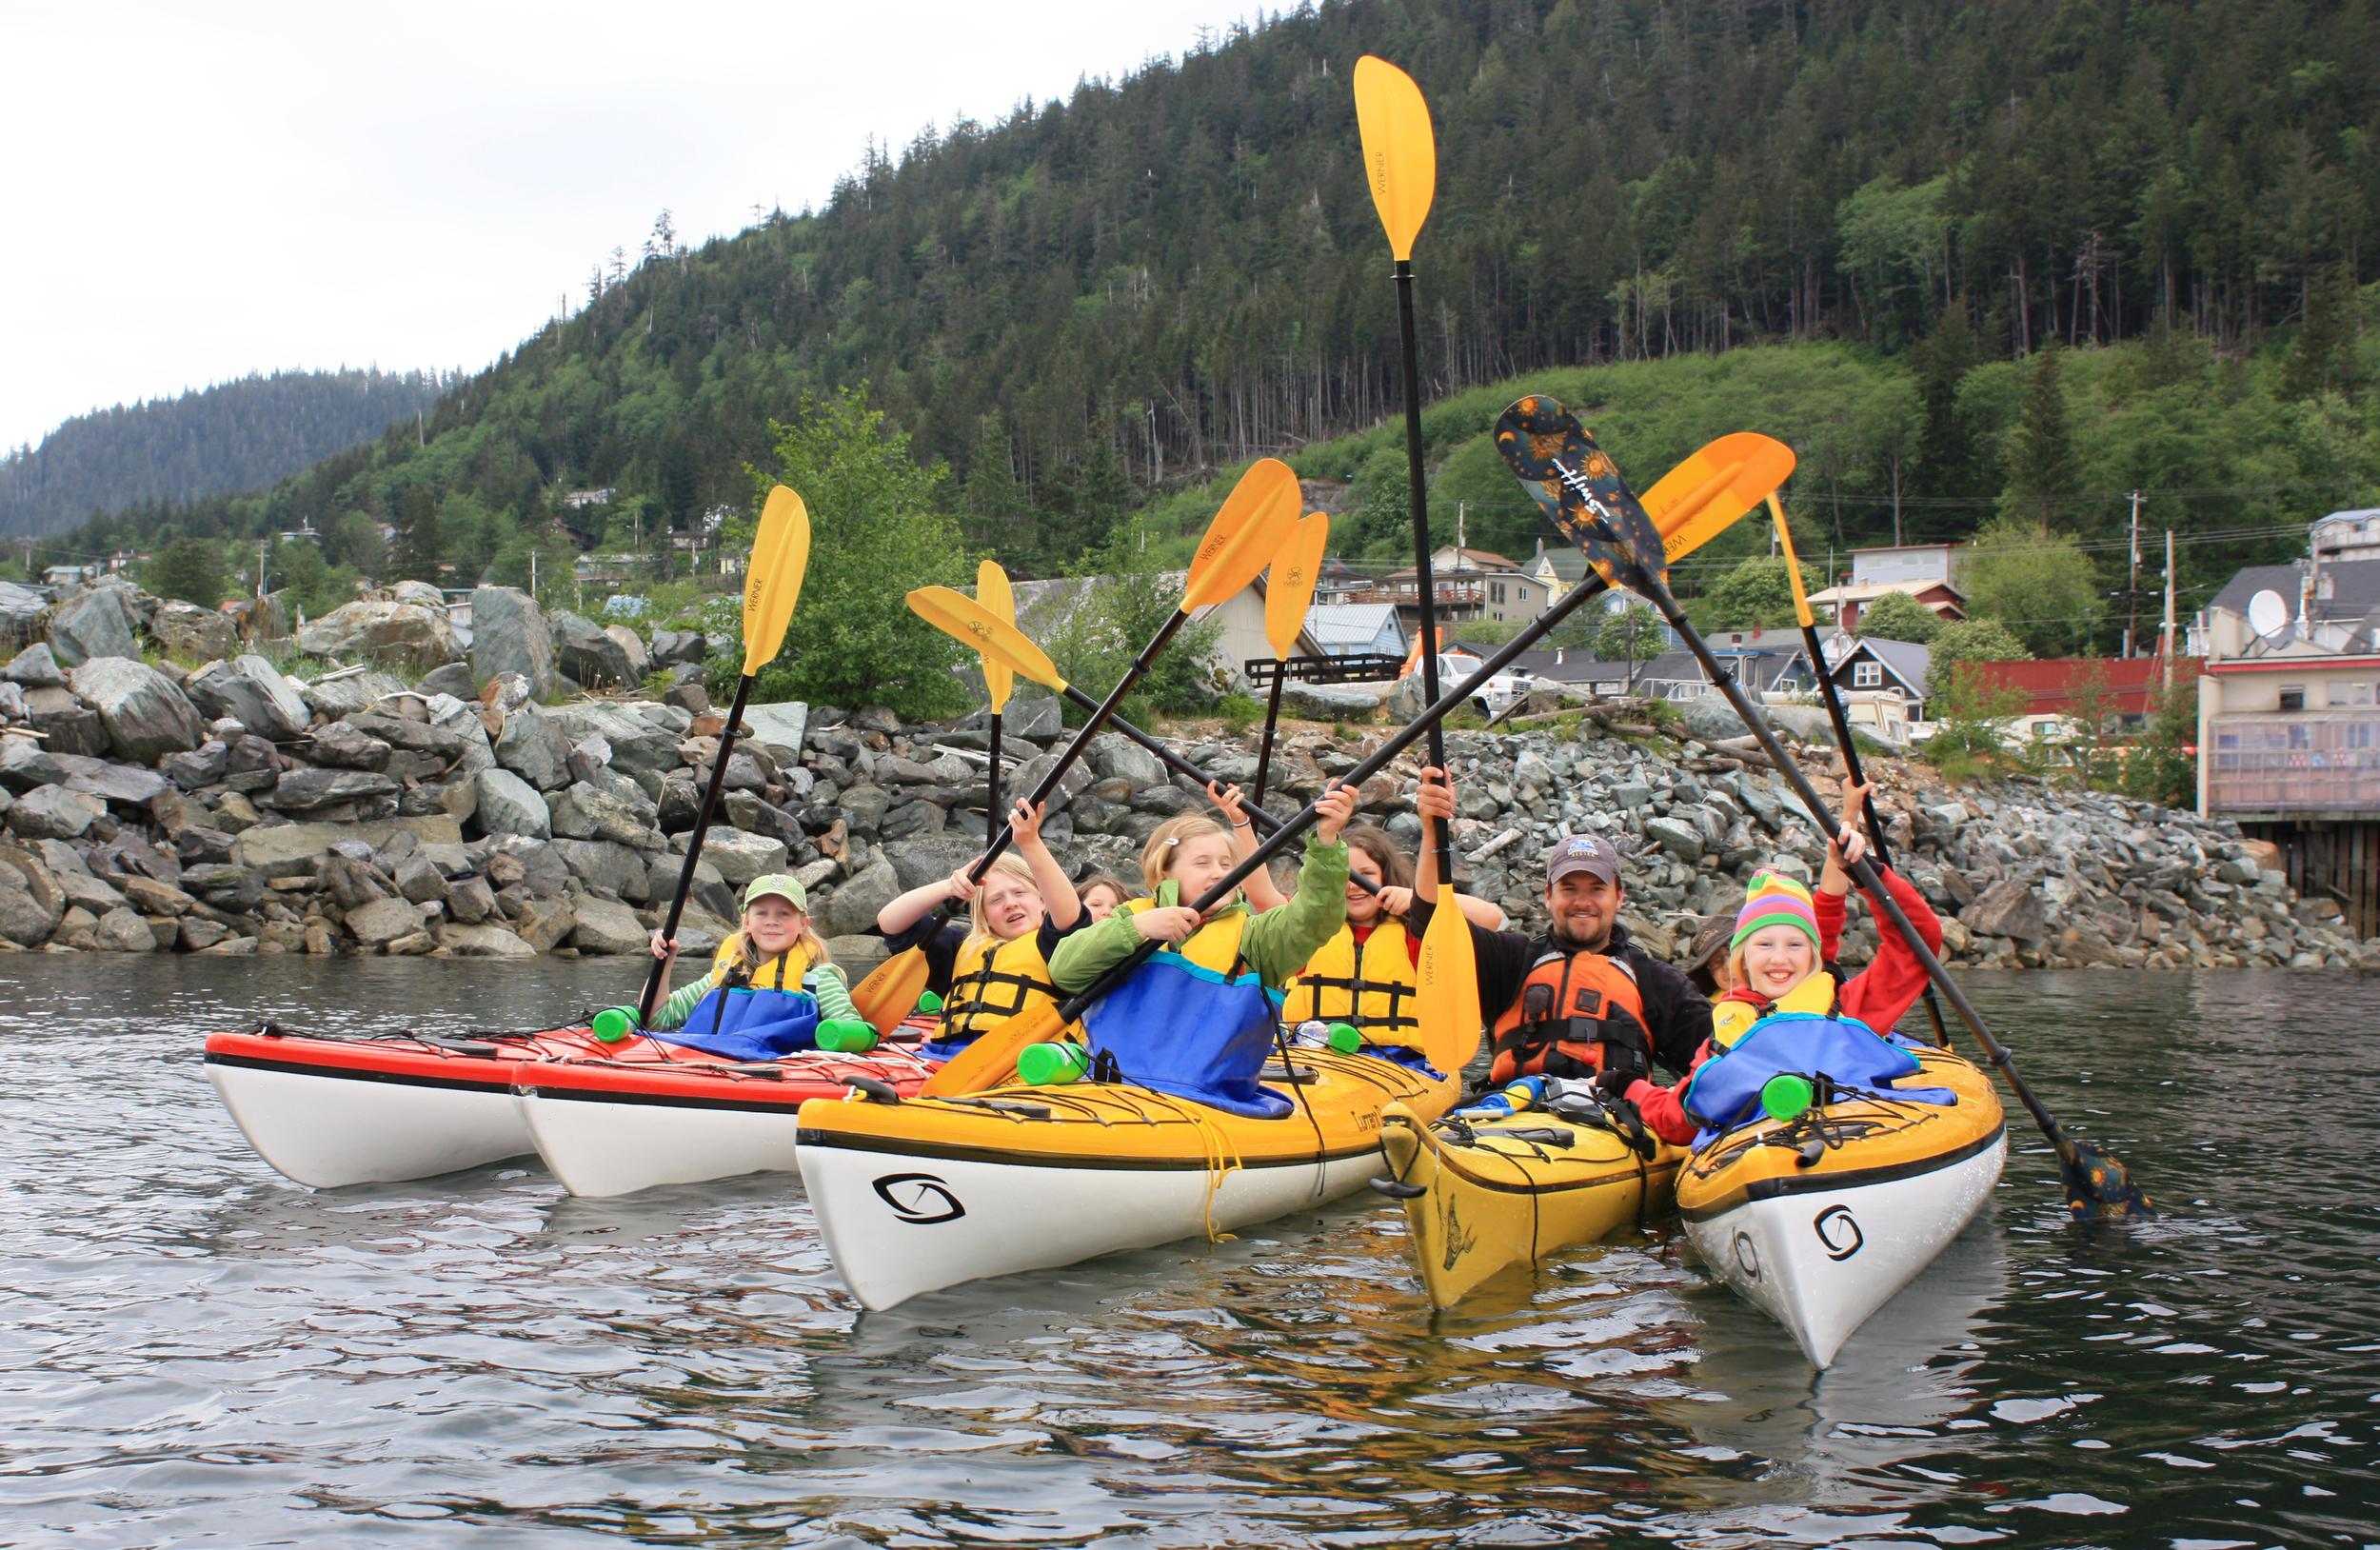 James & Girl Scout Kayak Camp participants